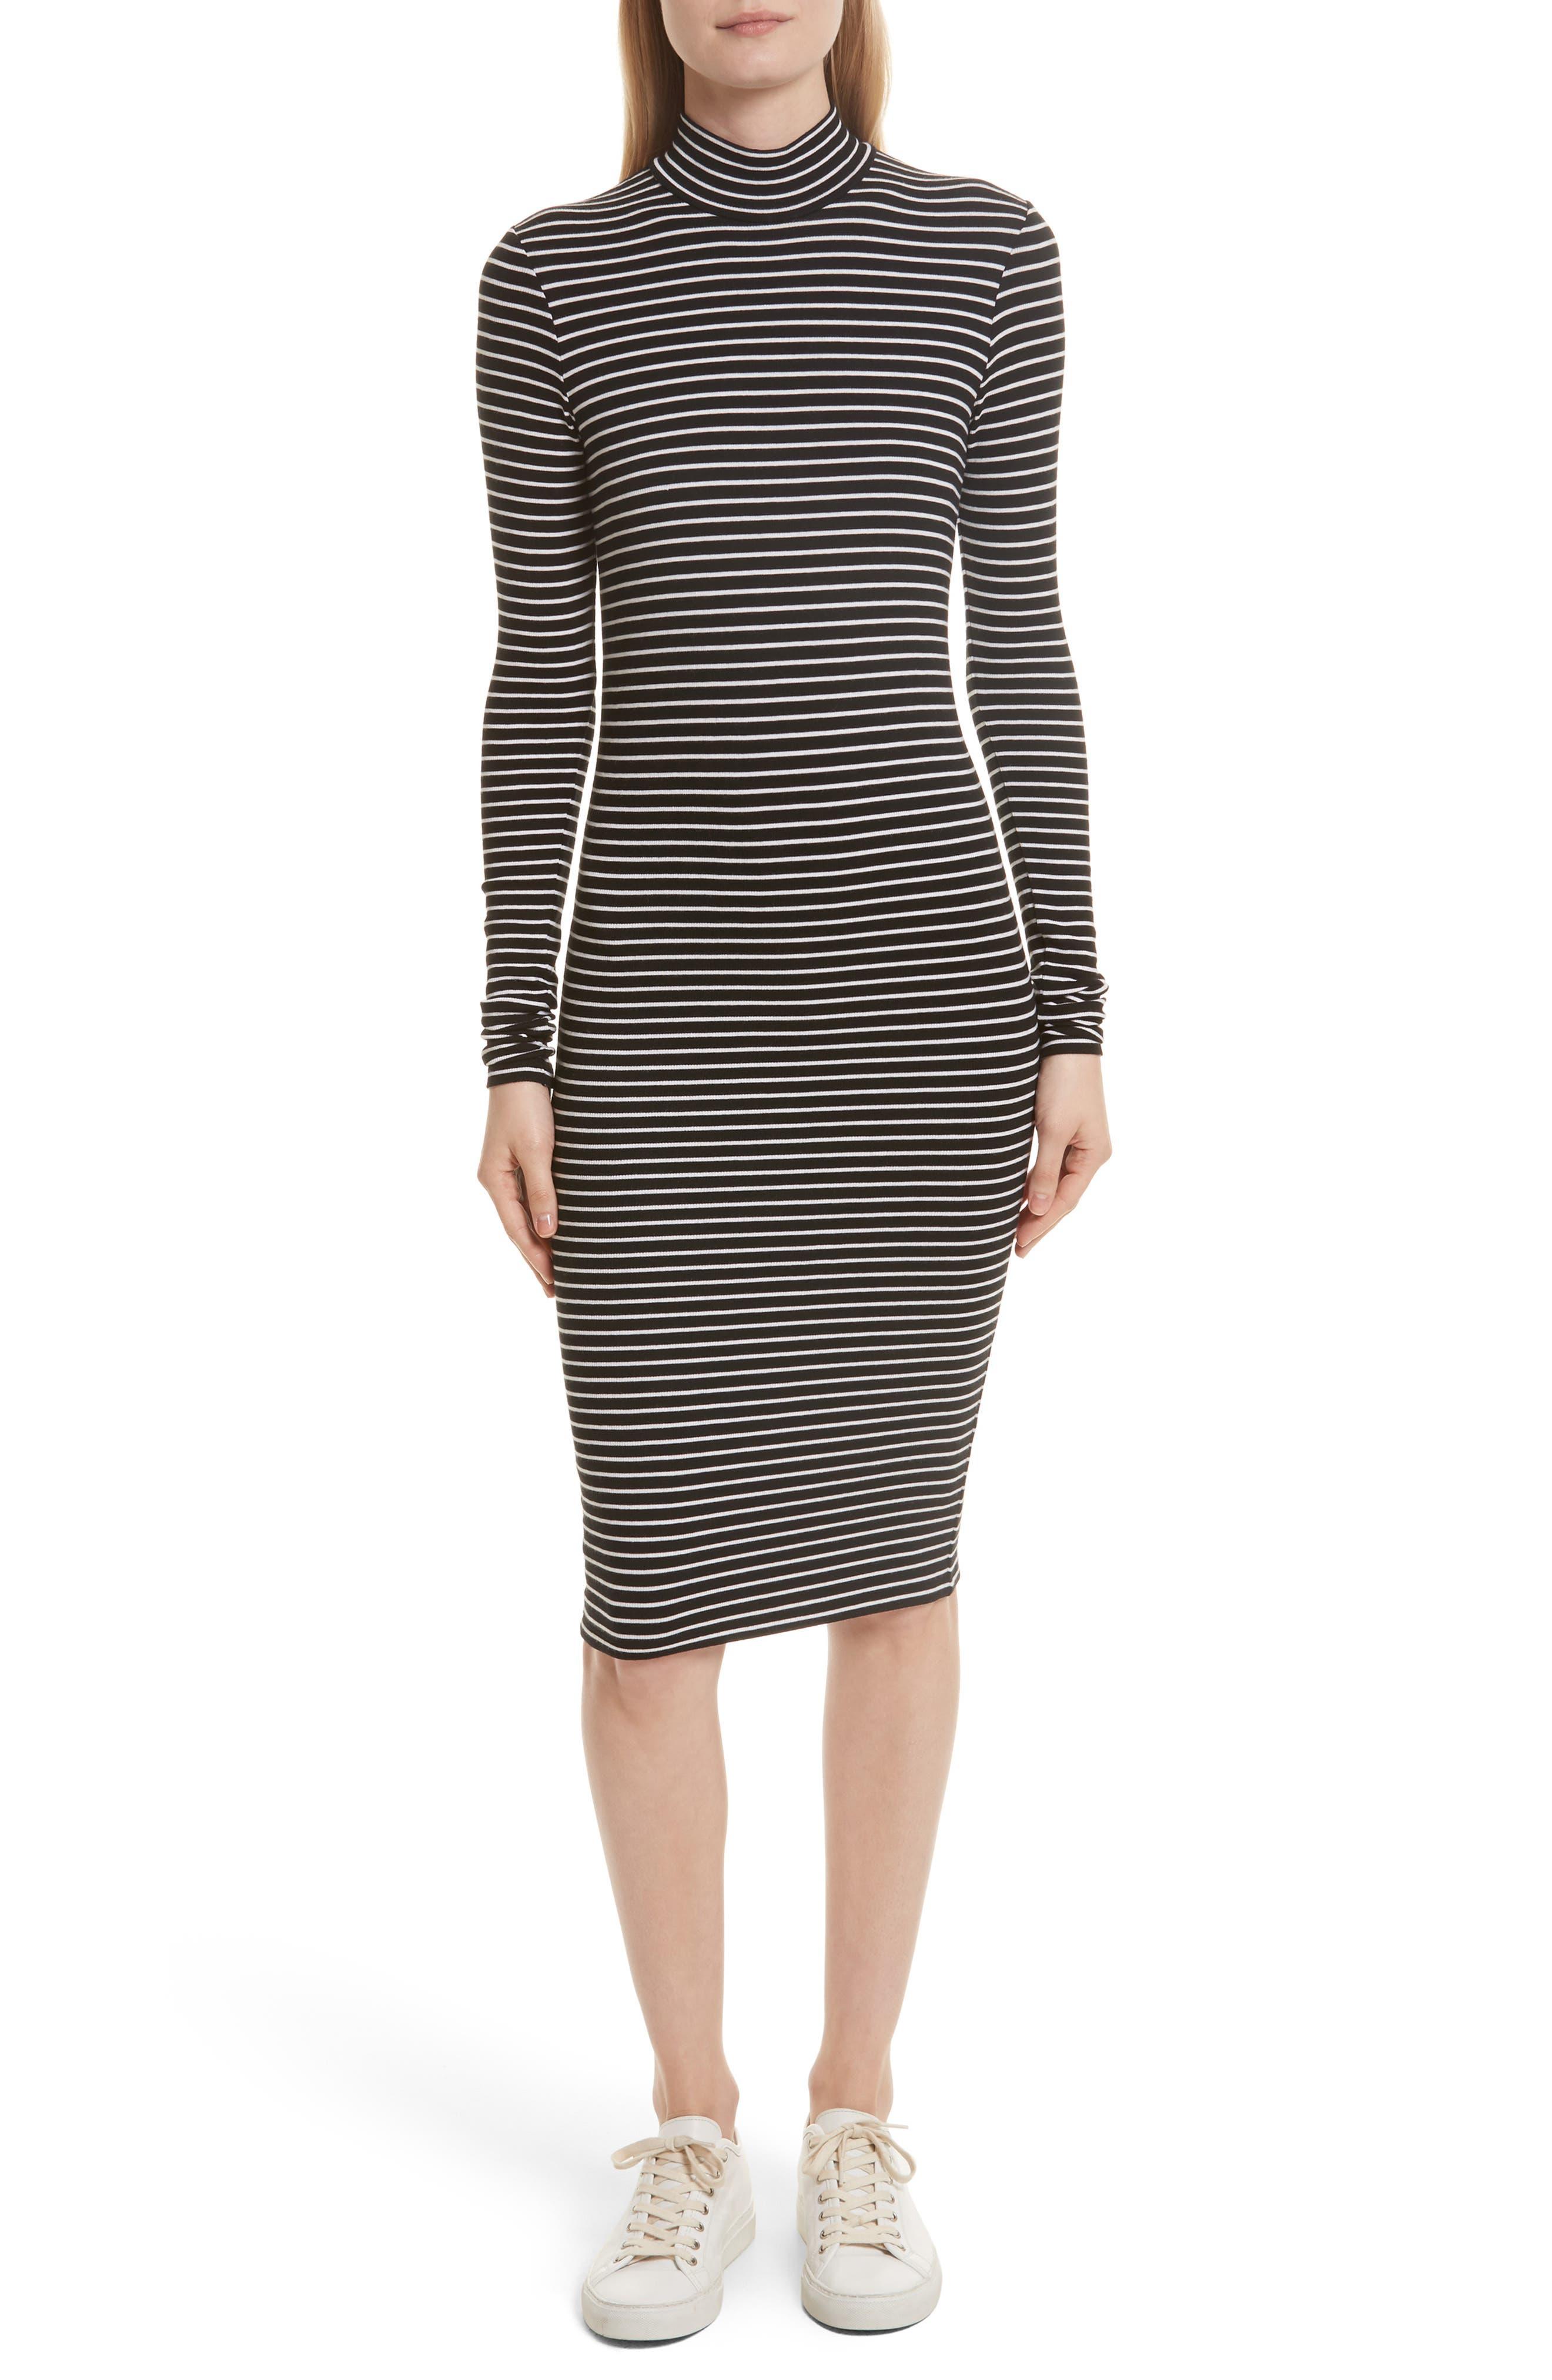 ATM ANTHONY THOMAS MELILLO Stripe Rib Jersey Dress